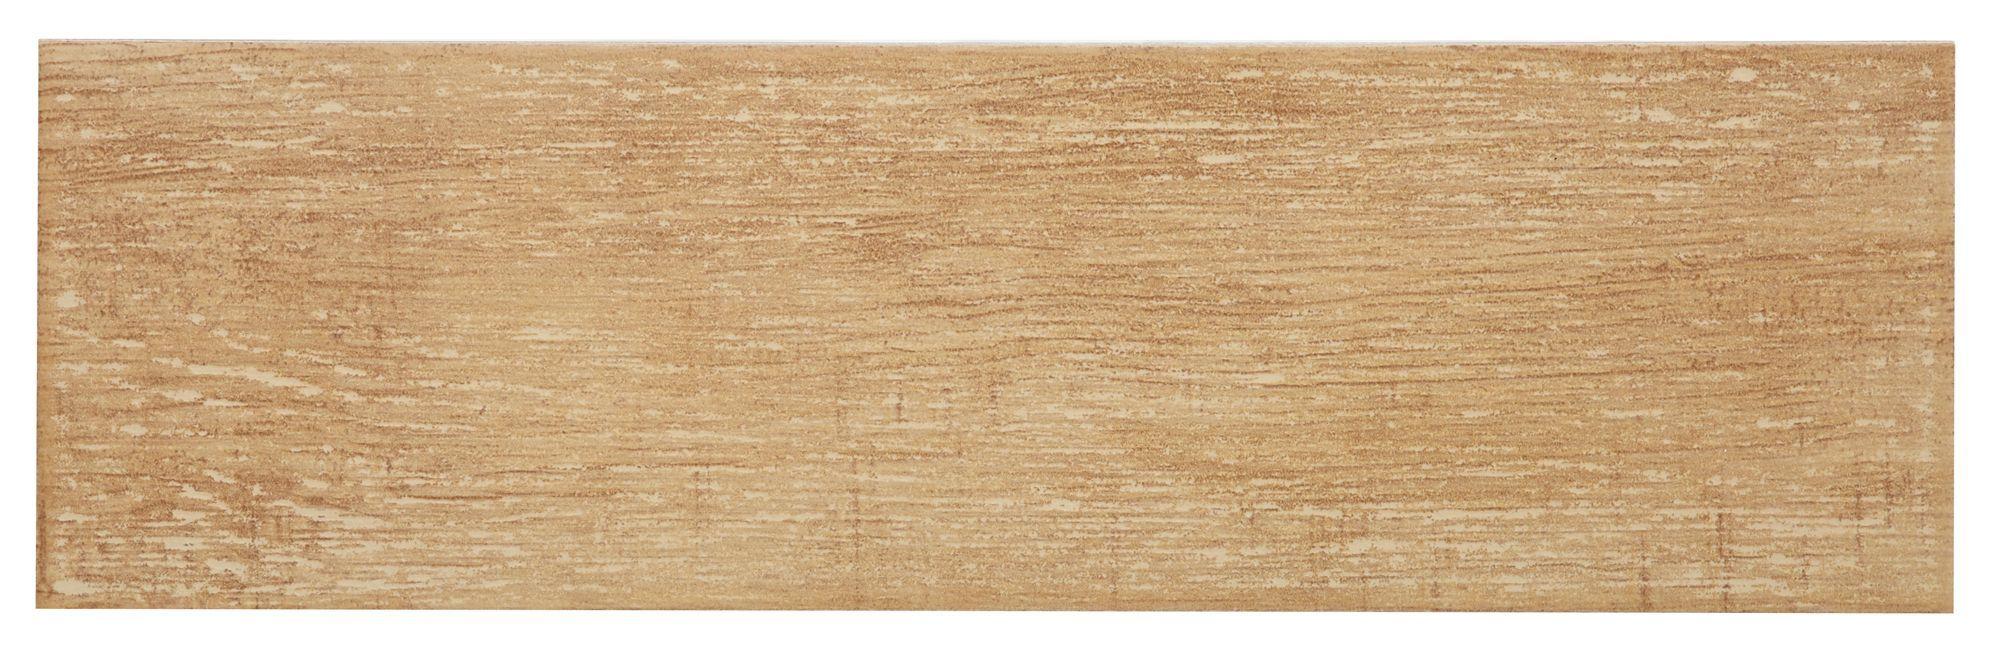 Organik honey oak effect ceramic wall floor tile pack of 13 l organik honey oak effect ceramic wall floor tile pack of 13 l500mm w150mm dailygadgetfo Images